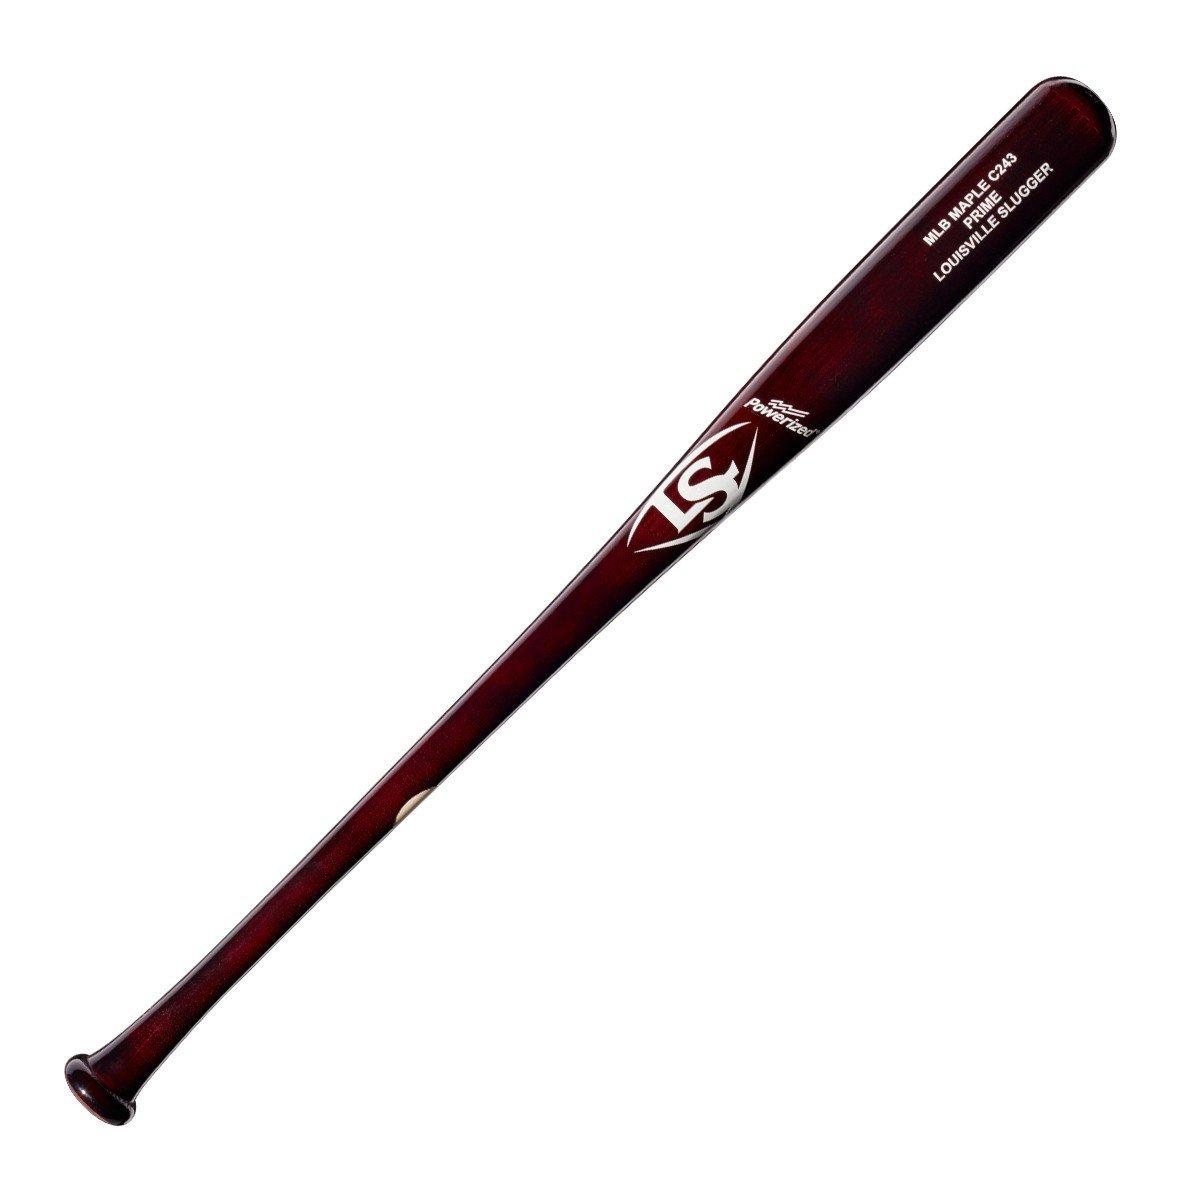 MLB Prime Maple C243 Cherry